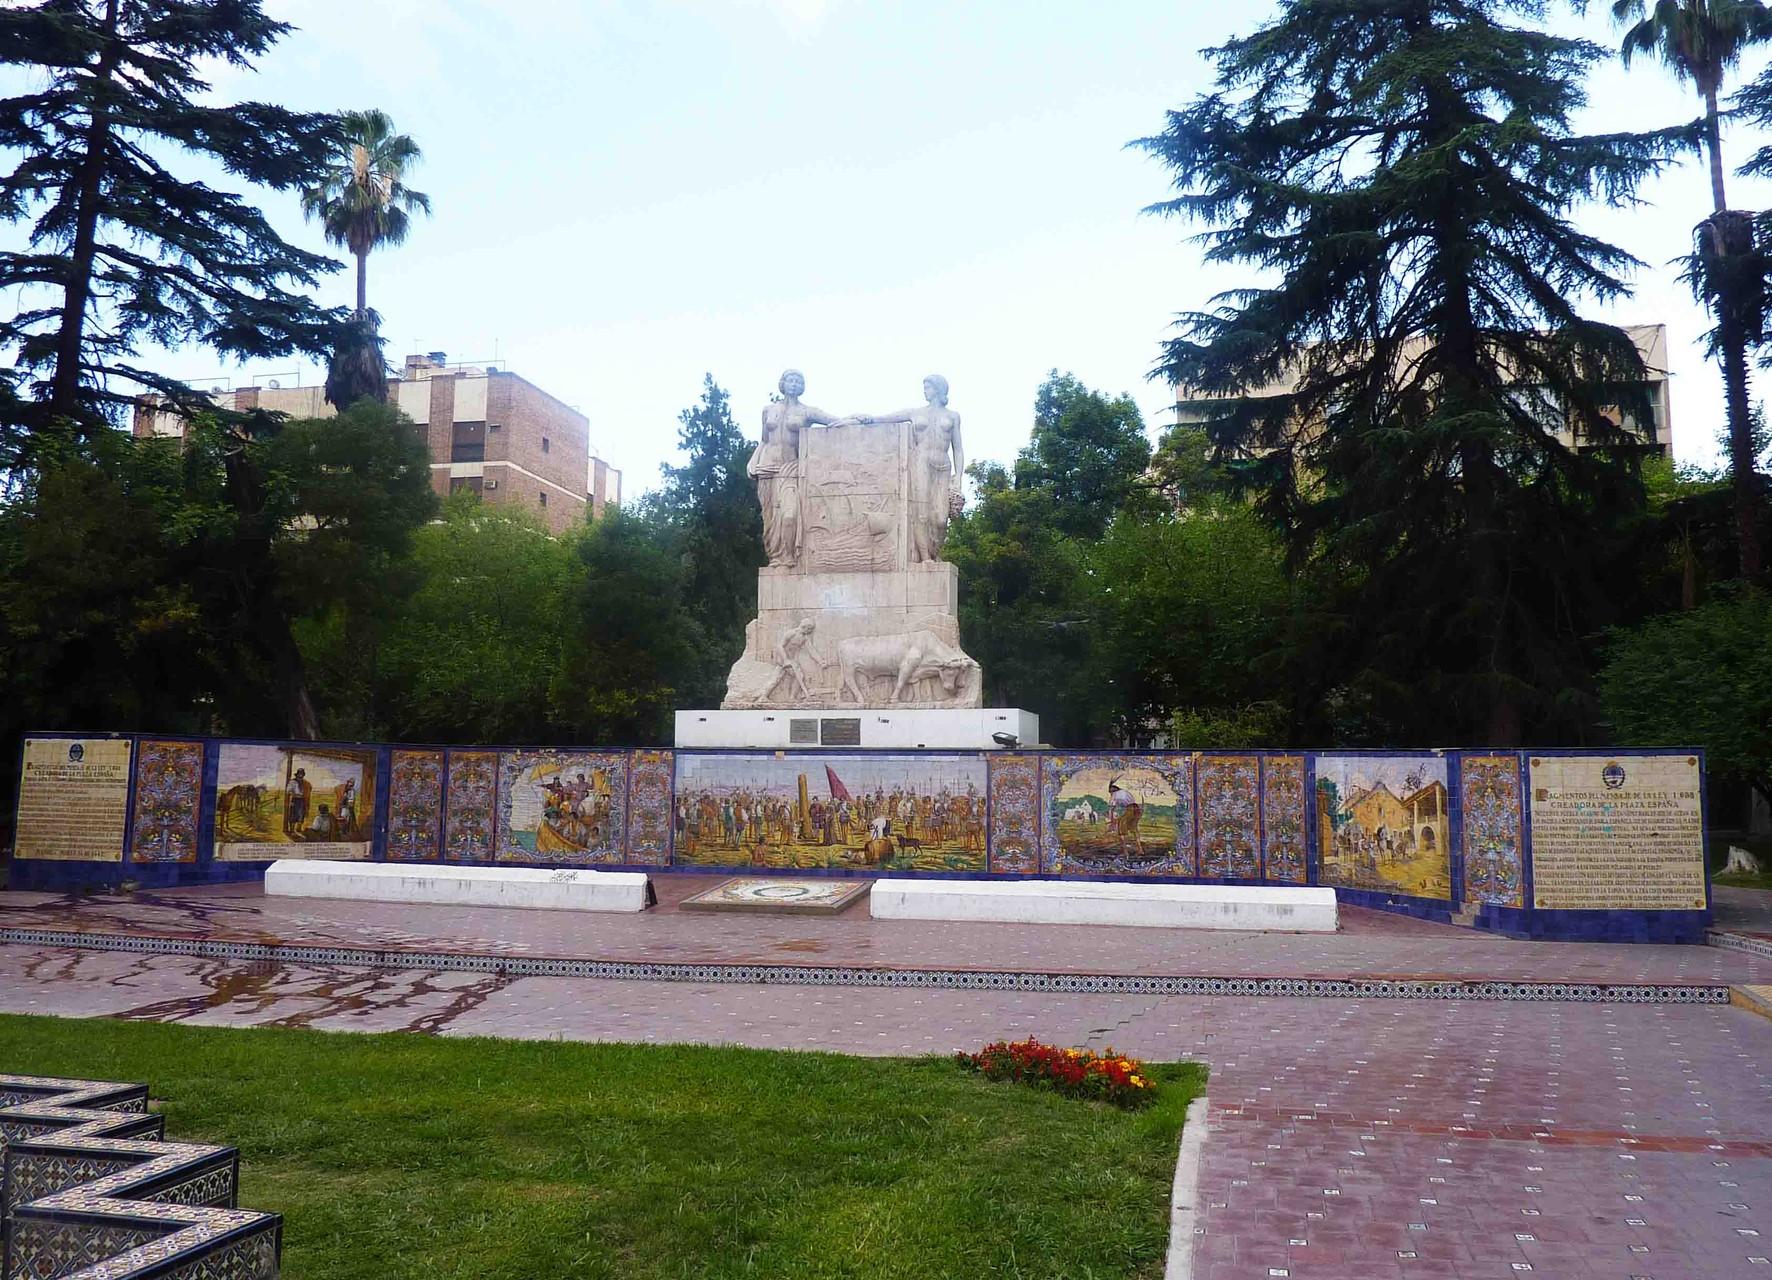 Un aspect de la magnifique place d'Espagne, don du gouvernement espagnol à la ville de Mendoza